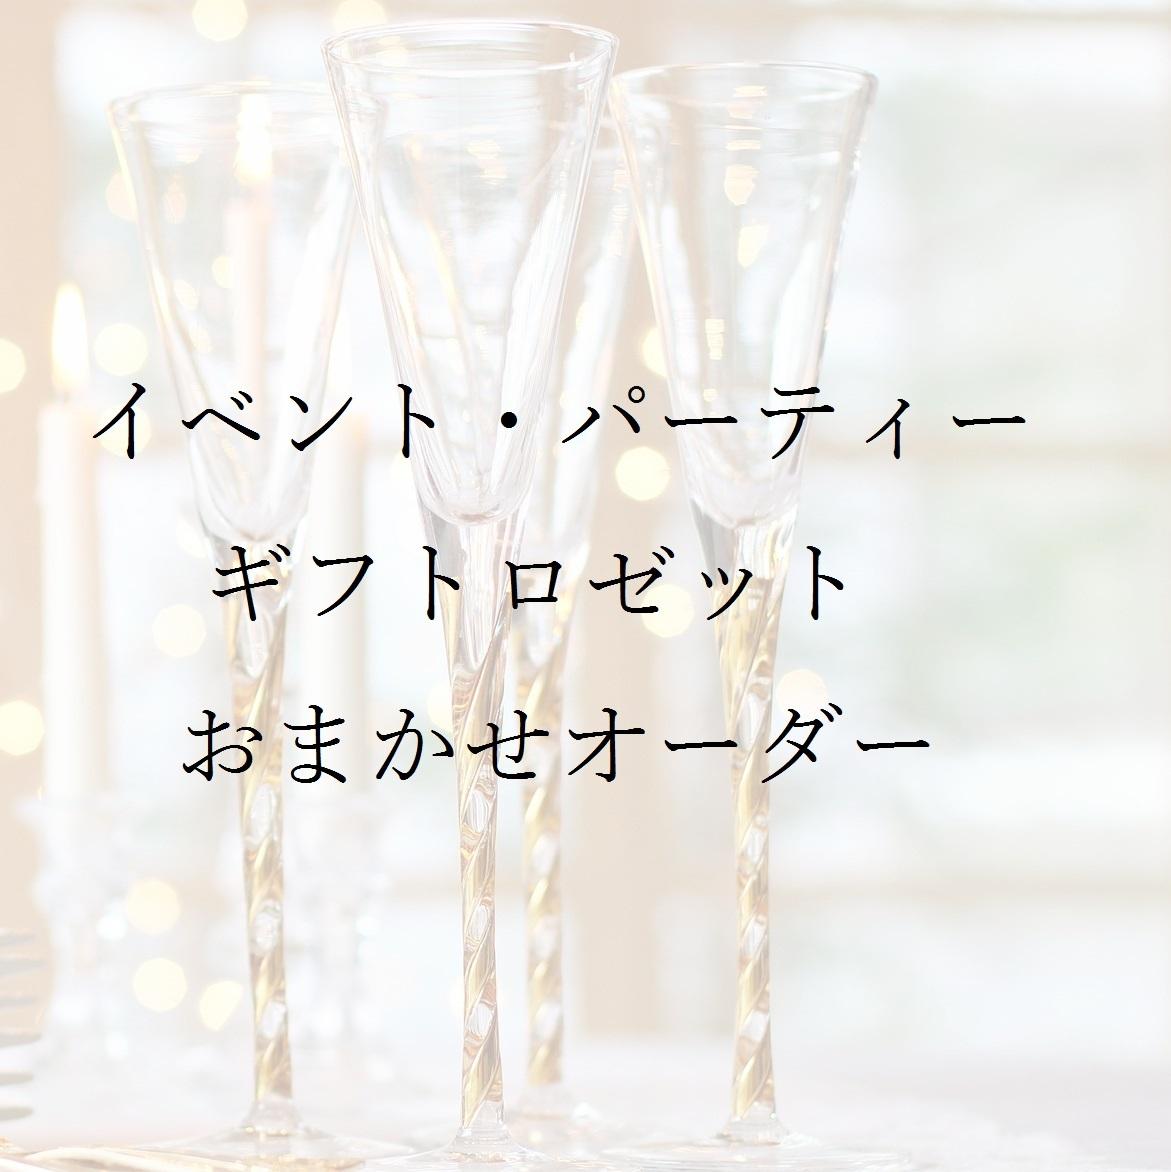 【イベント・パーティー・ギフトロゼット】おまかせオーダー